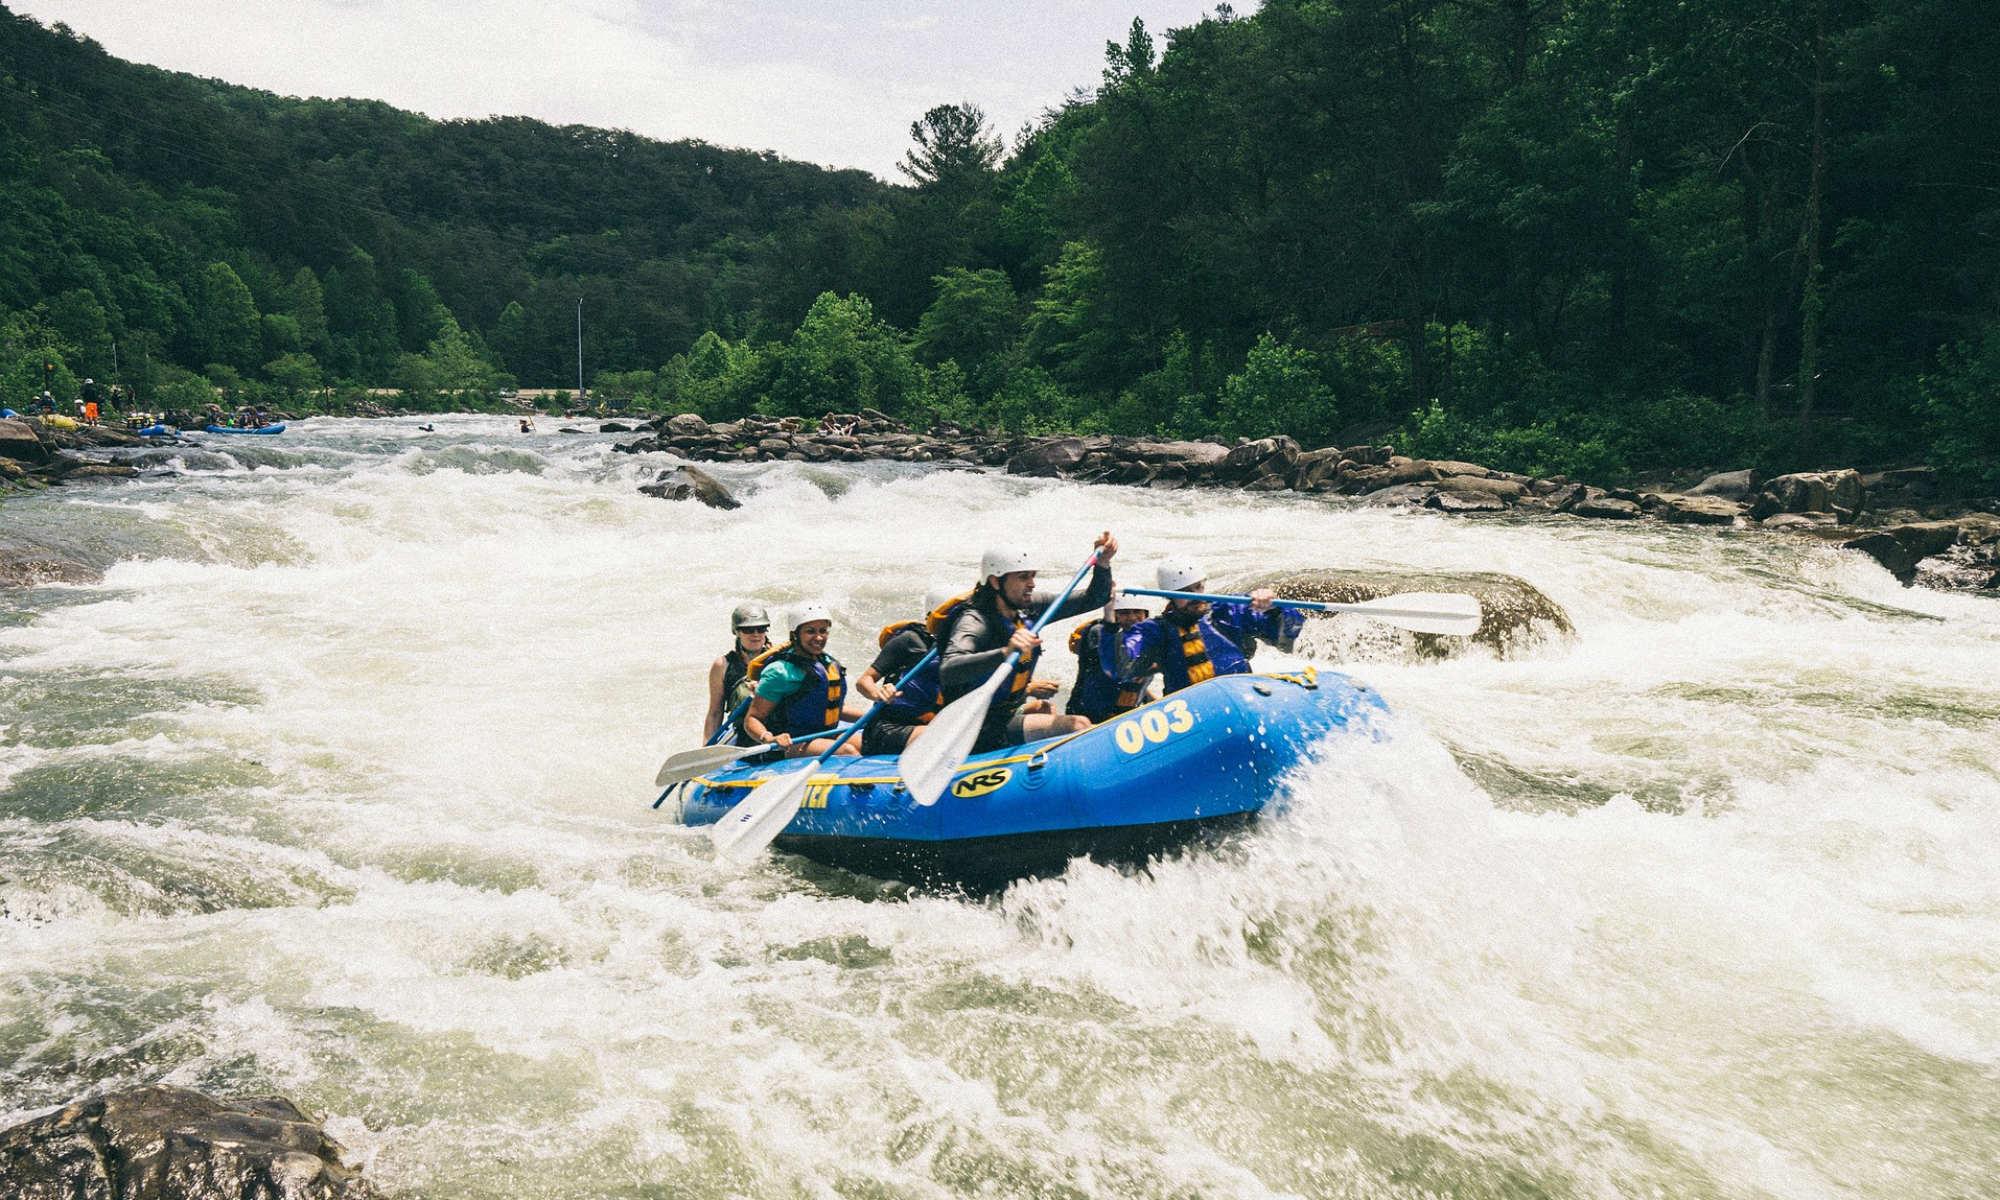 Eine Gruppe beim Wildwasser Rafting auf einem bewegten Fluss.